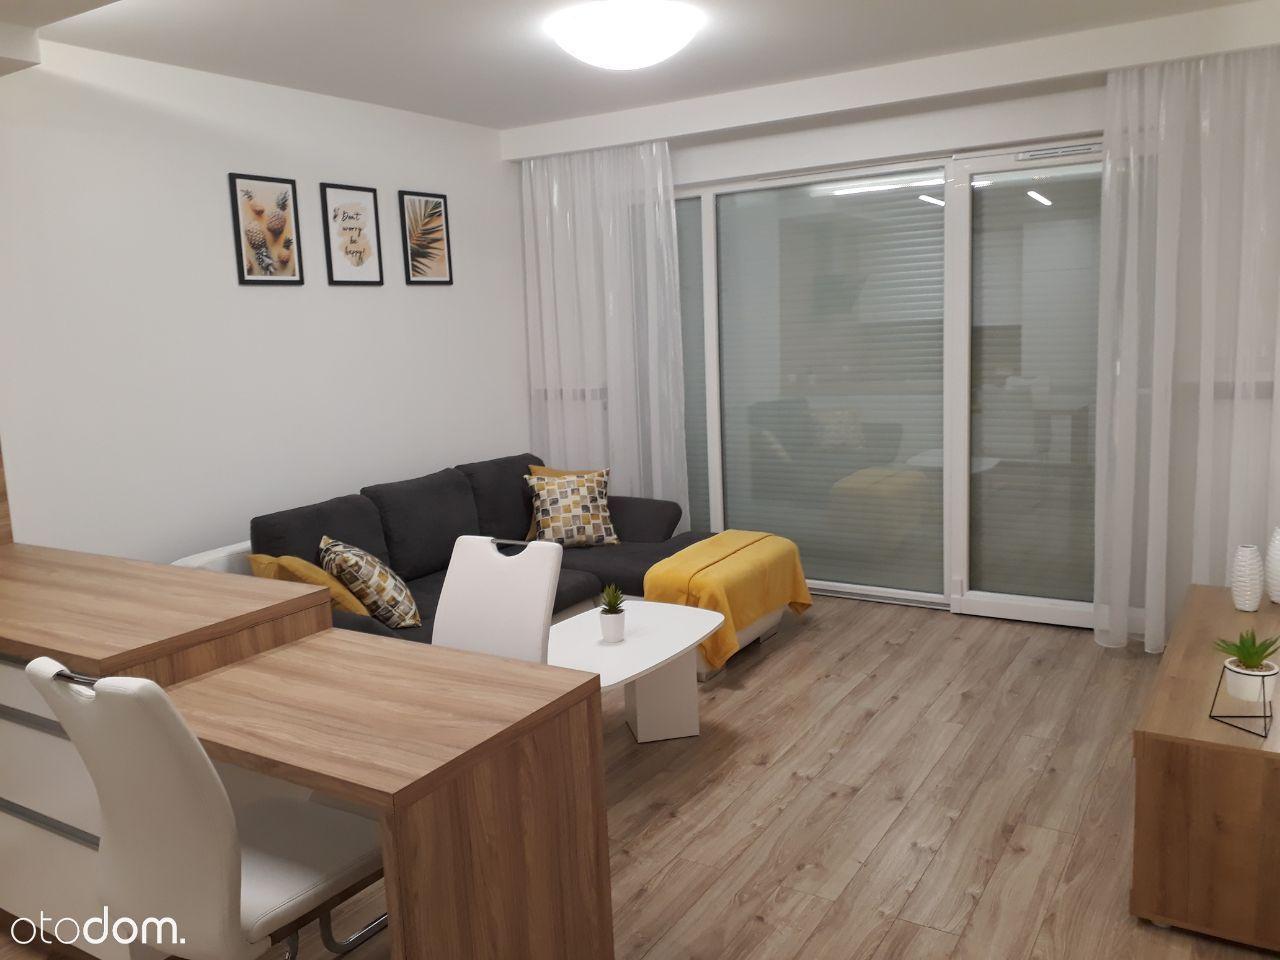 Mieszkanie do wynajęcia Opole Os.Bielana z garażem